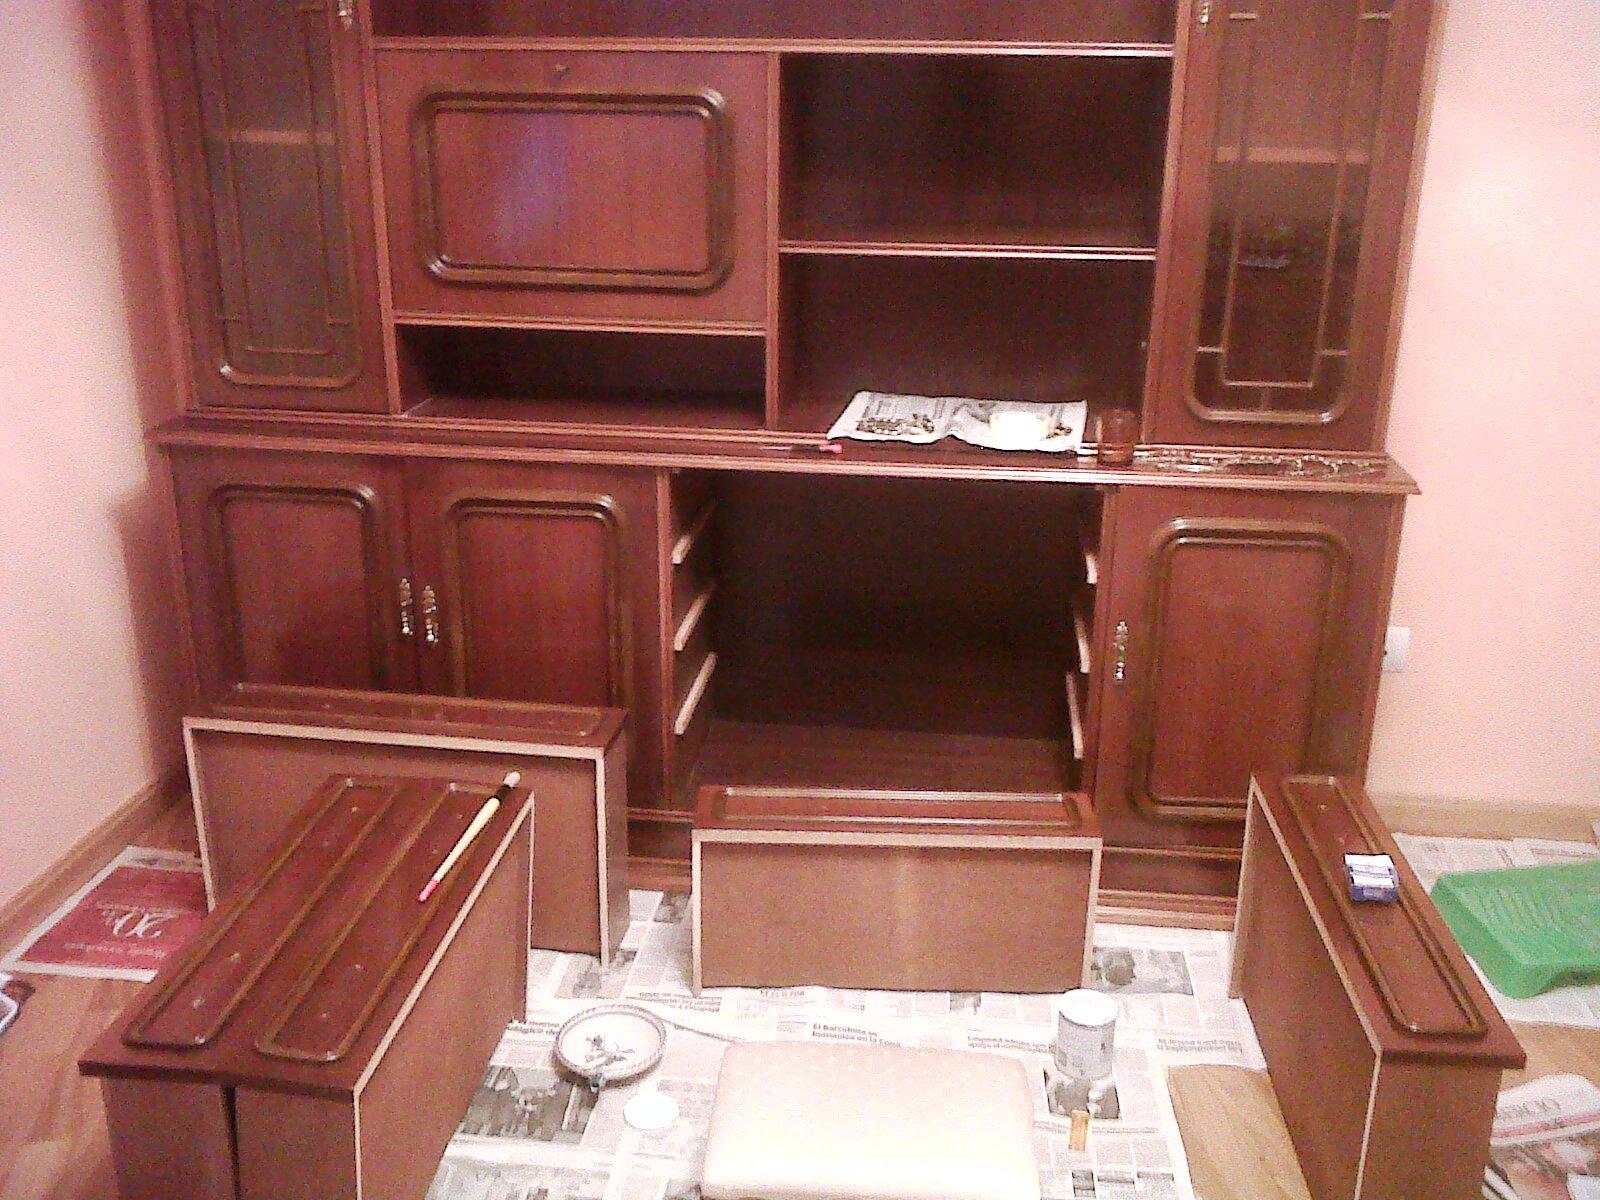 d 233 coration cuisine formica 28 images castorama meubles de cuisine 8 d233co cuisine en. Black Bedroom Furniture Sets. Home Design Ideas